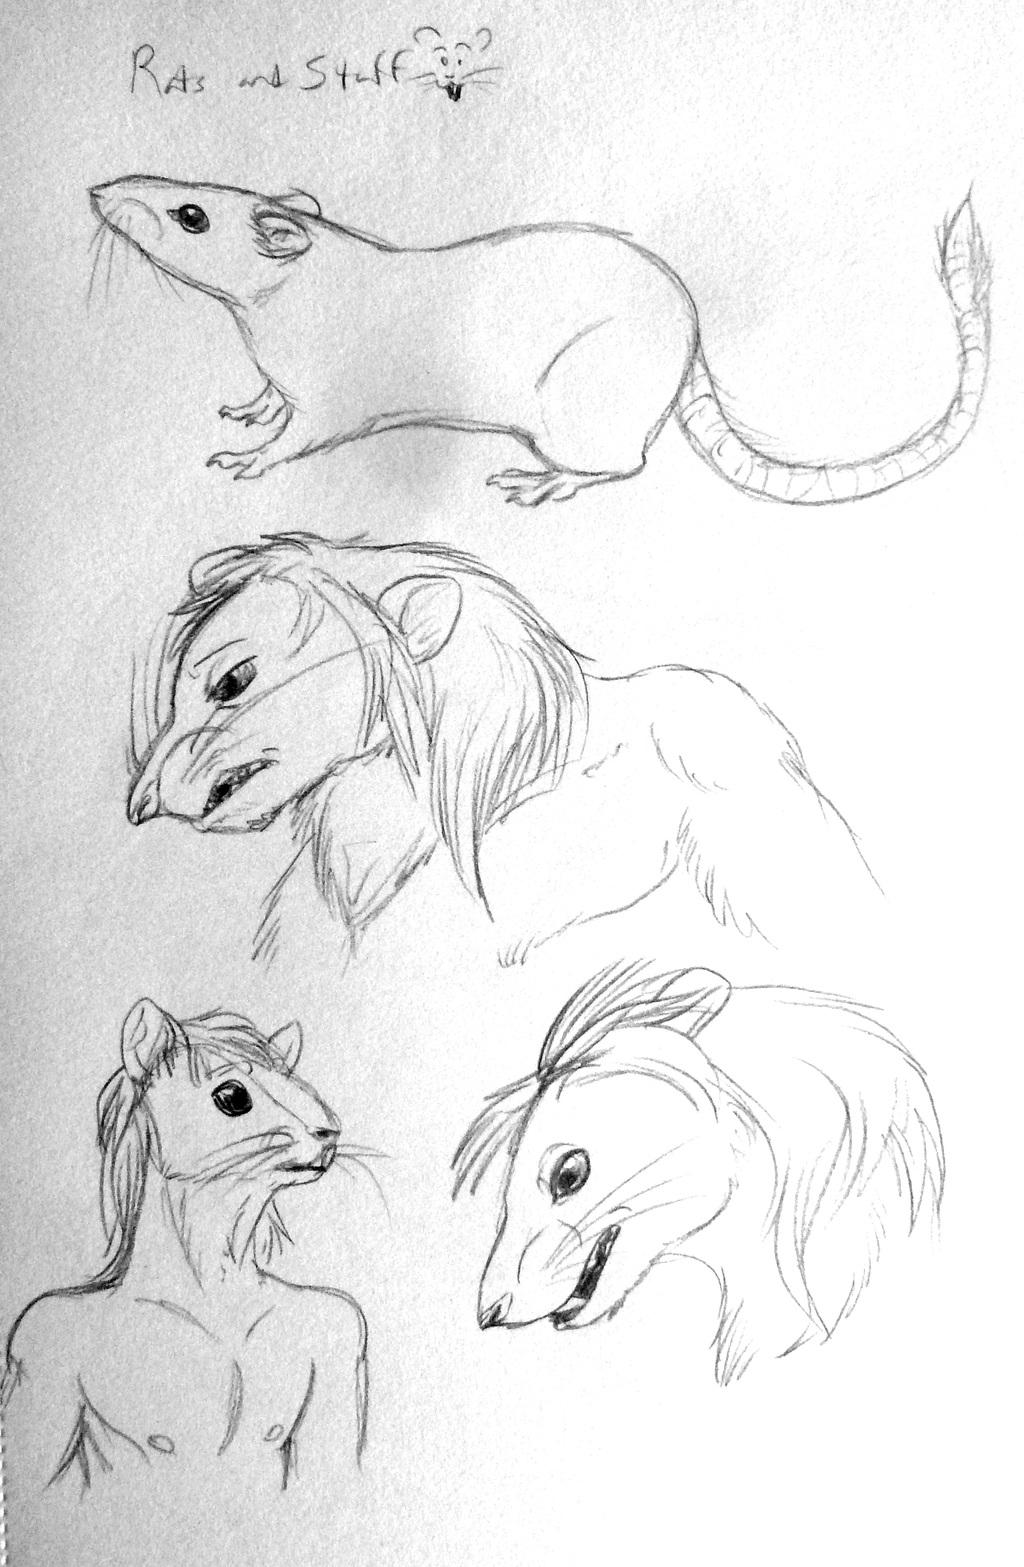 Sketchdump--Rats!!!